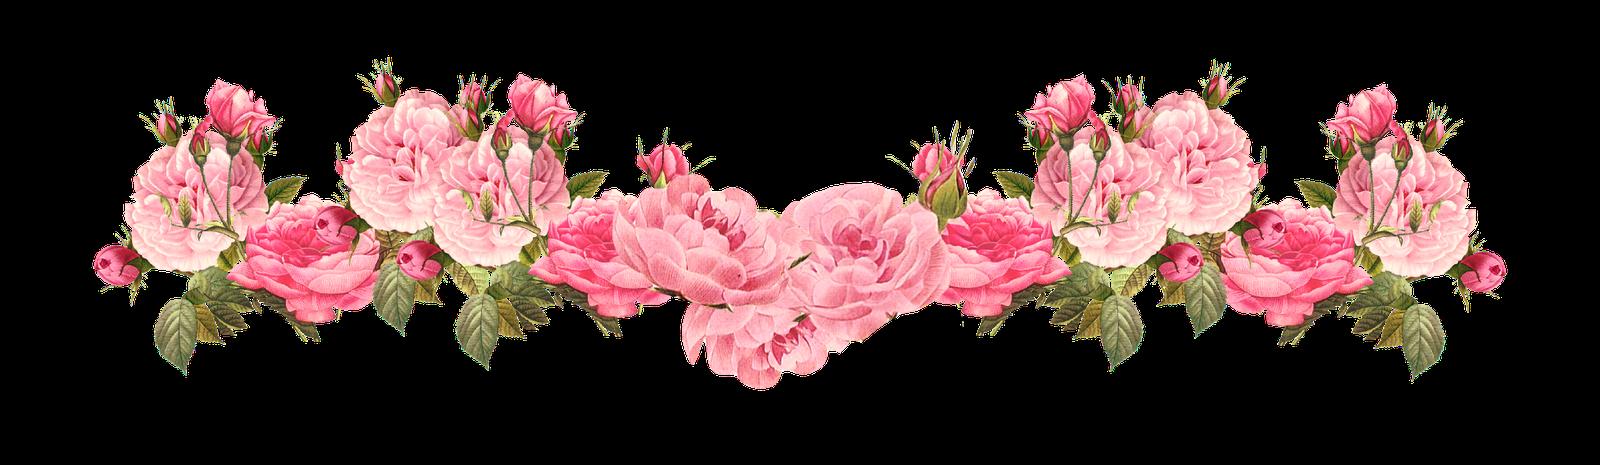 Flower line png. Image free vintage rose